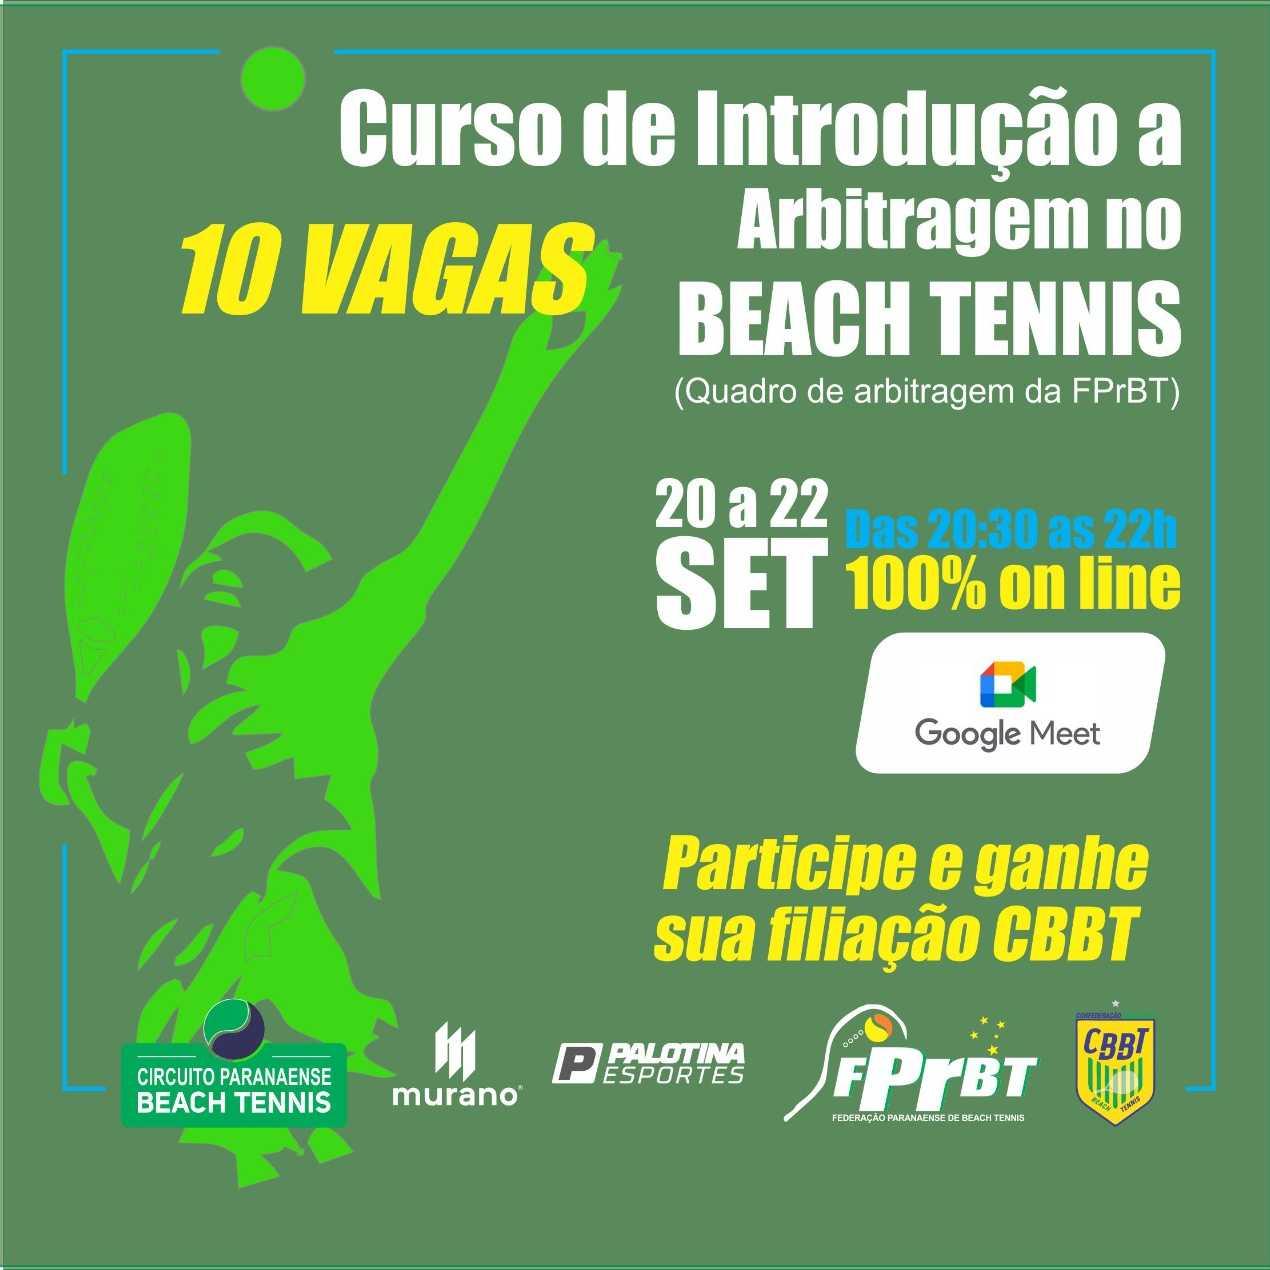 Curso de Introdução a Arbitragem no Beach Tennis